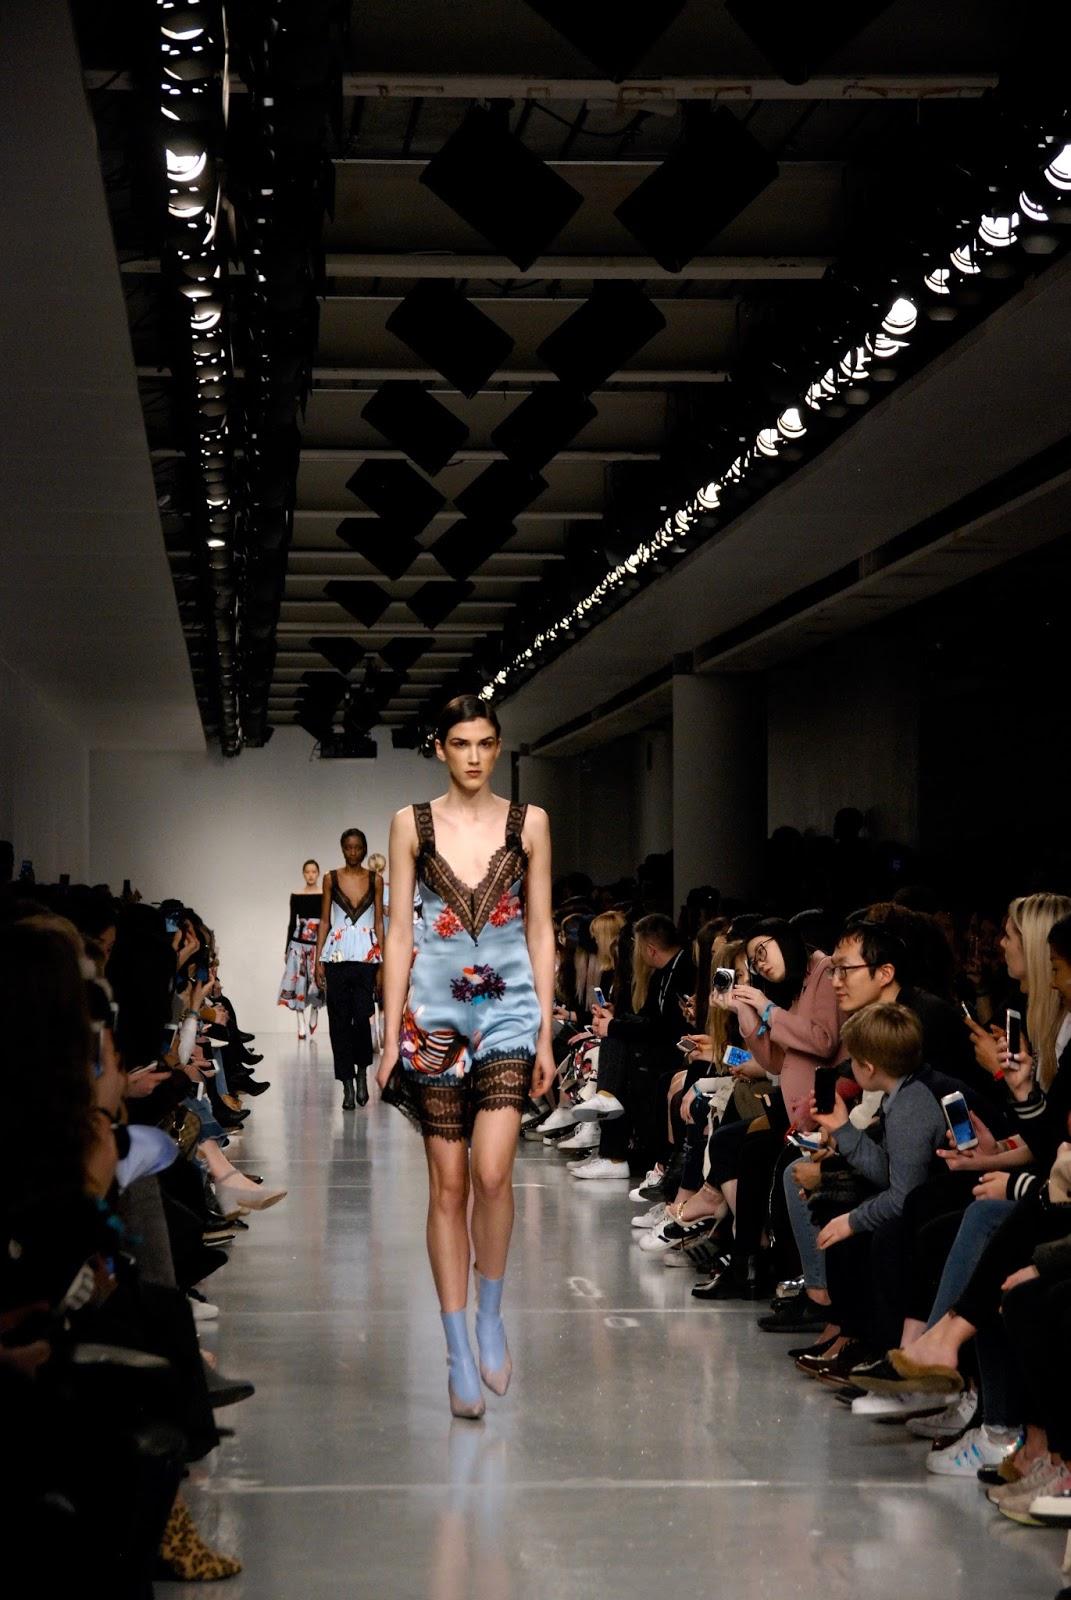 Lace & Prints London Fashion Week Festival